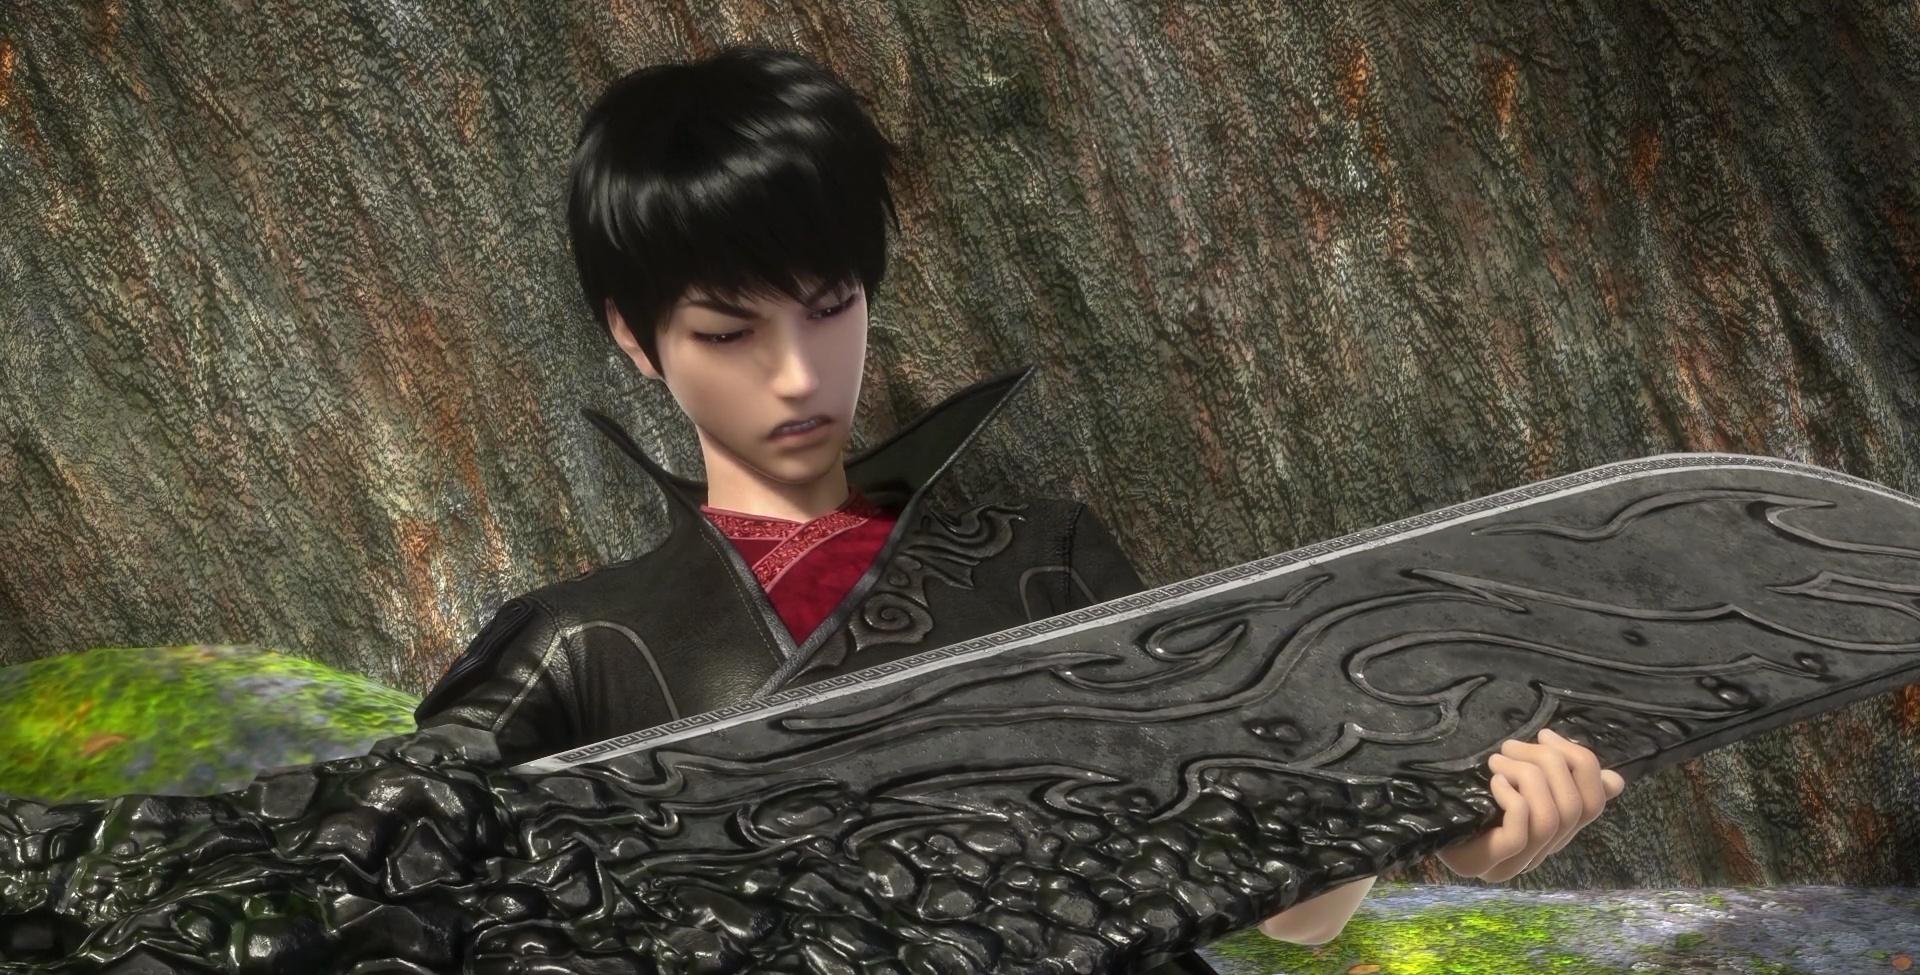 斗破苍穹:萧炎的武器玄重尺乃是神器事实却让人失望